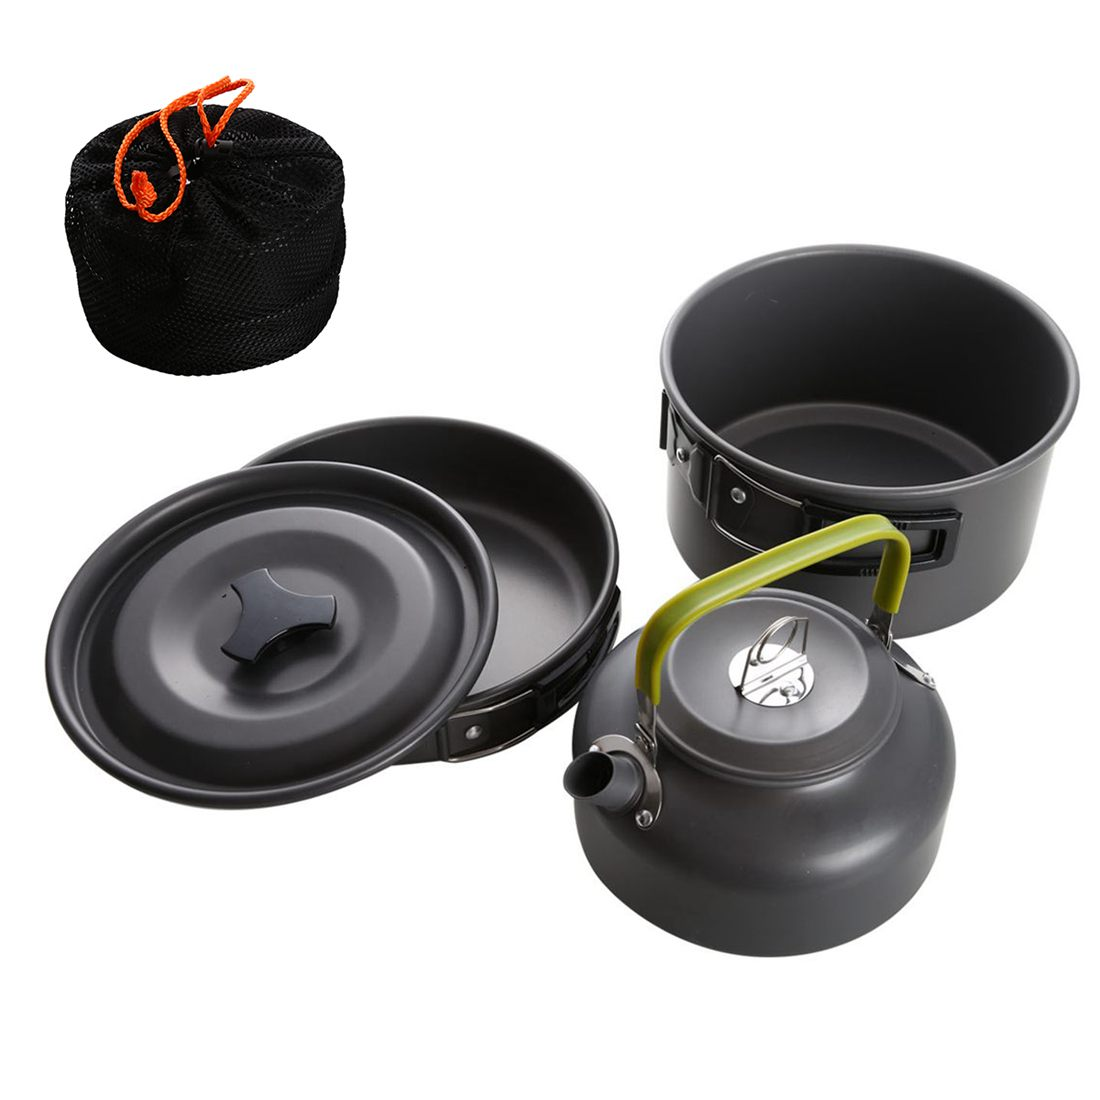 Portable Camping Pot casserole ensemble de bouilloire en alliage d'aluminium vaisselle extérieure ustensiles de cuisine 3 pièces/ensemble théière outil de cuisson pour pique-nique BBQ